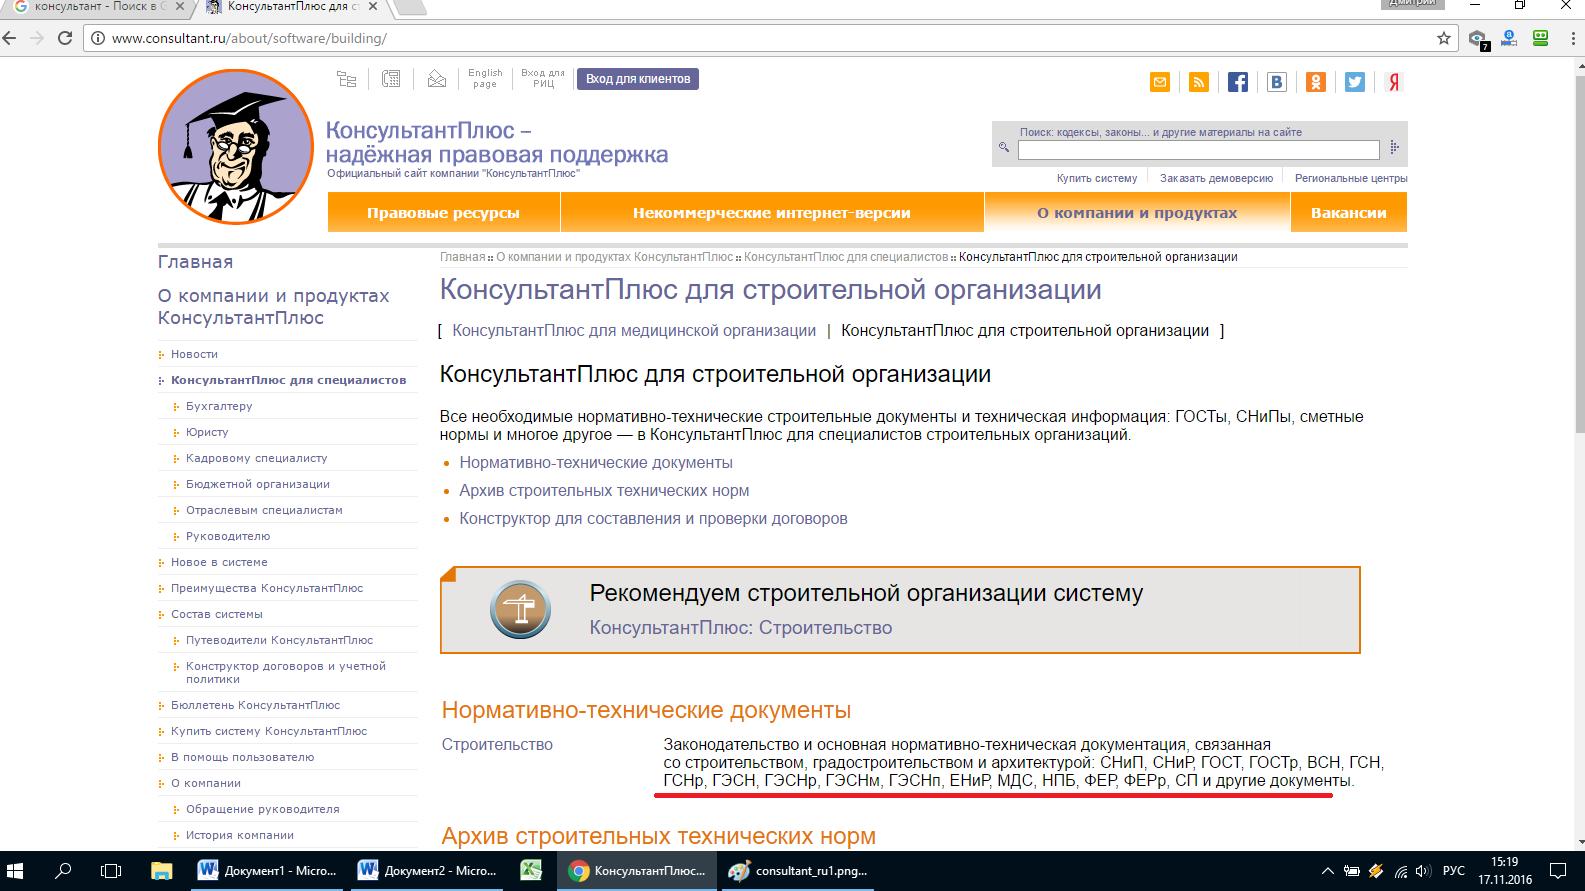 consultant_ru2